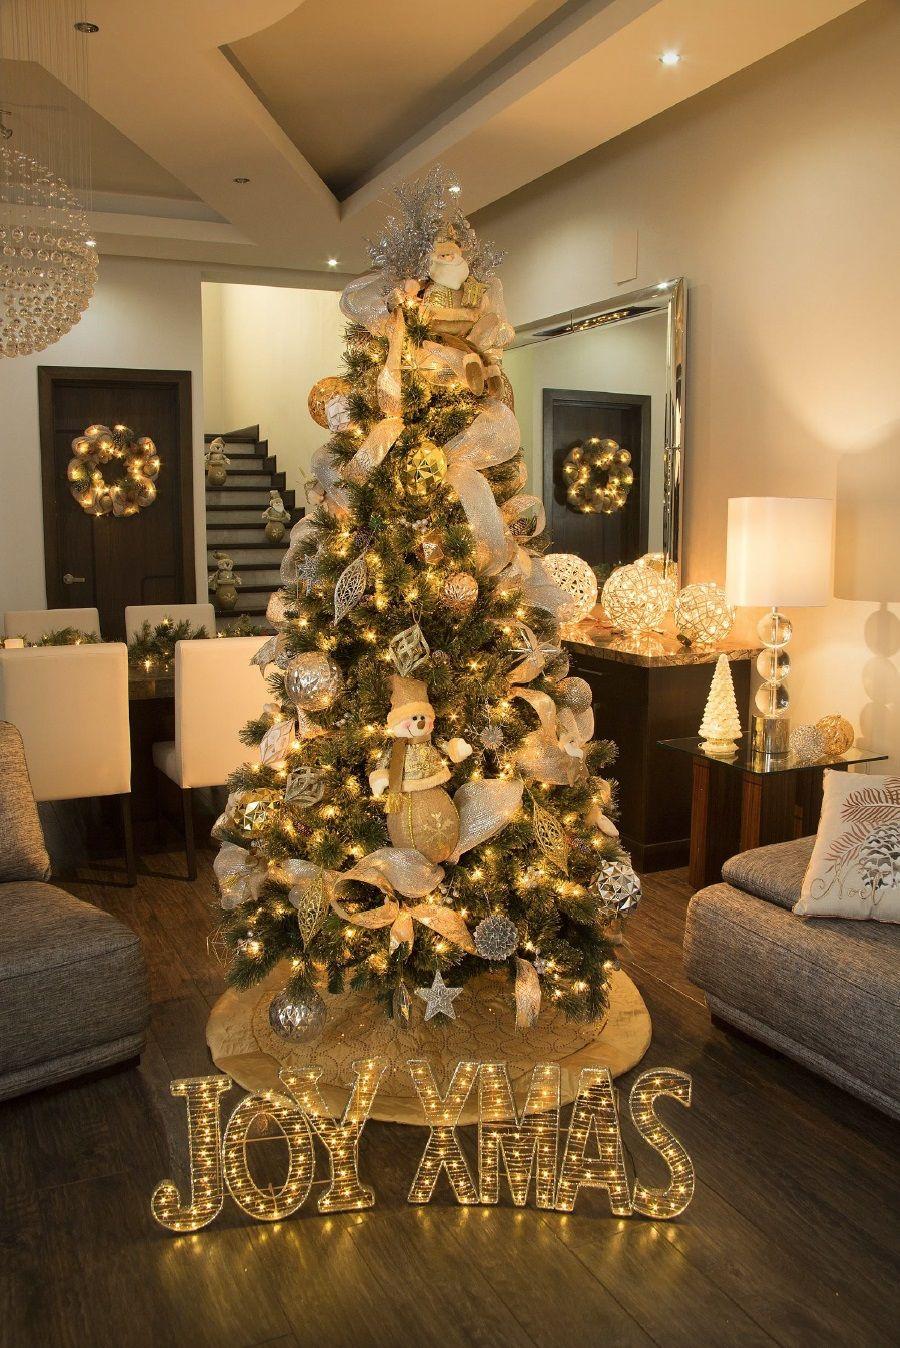 Tendencias para decorar en navidad 2017 2018 - Como se decora un arbol de navidad ...